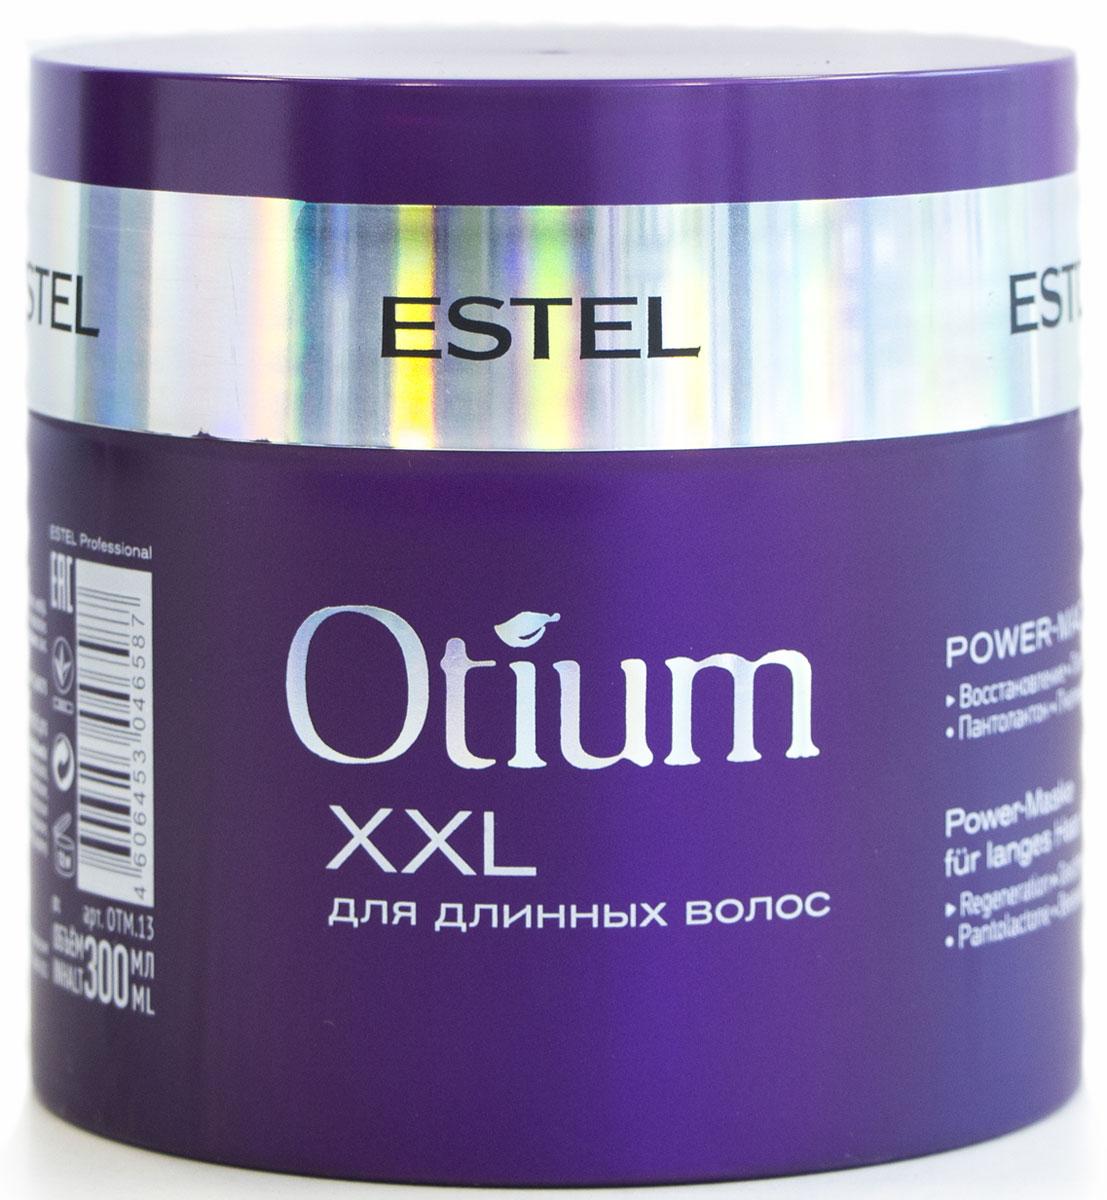 Estel Otium Flow Power-маска для длинных волос 300 млFS-00897Estel Otium Flow Power - маска для длинных волос. Богатая кремовая маска с комплексом Flow Revivаl, коллагеном и пантенолом глубоко регенерирует и питает тонкие и ломкие волосы, восстанавливает и поддерживает идеальный баланс влажности. Придаёт волосам жизненную силу, возвращает яркий сияющий блеск.Уважаемые клиенты!Обращаем ваше внимание на возможные изменения в дизайне упаковки. Качественные характеристики товара остаются неизменными. Поставка осуществляется в зависимости от наличия на складе.